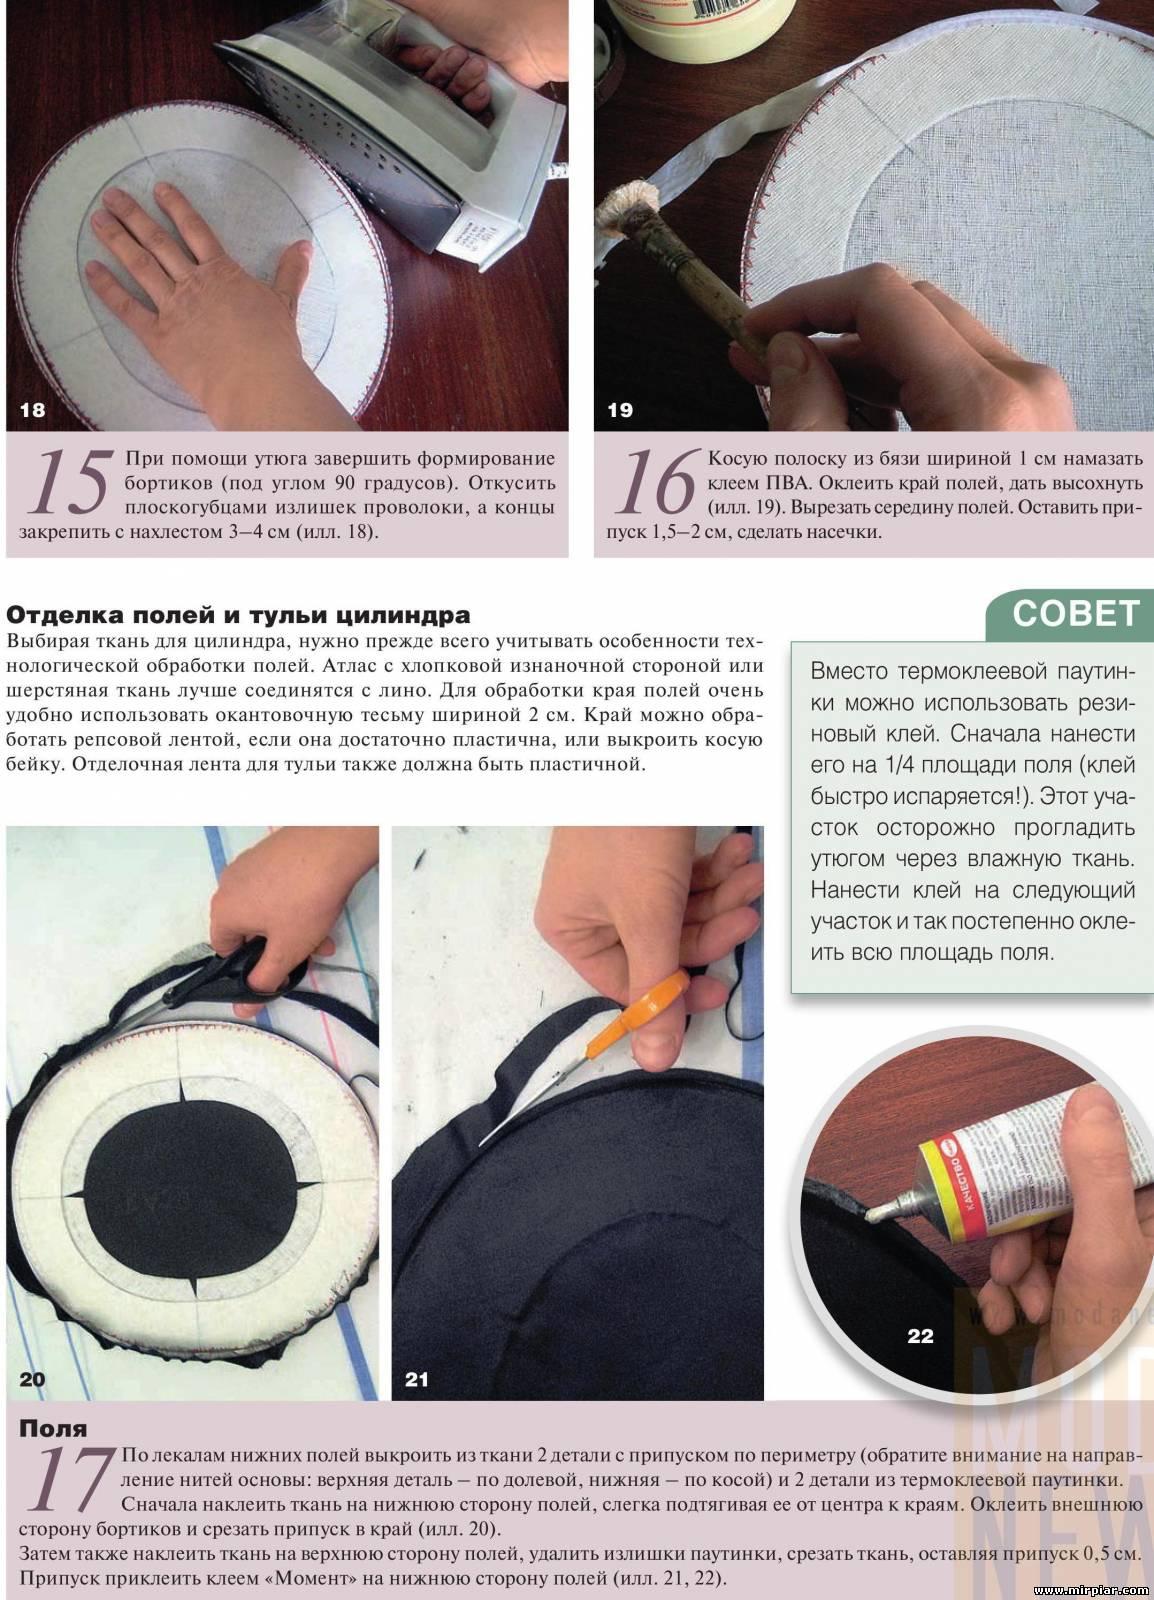 Сделать шляпу своими руками